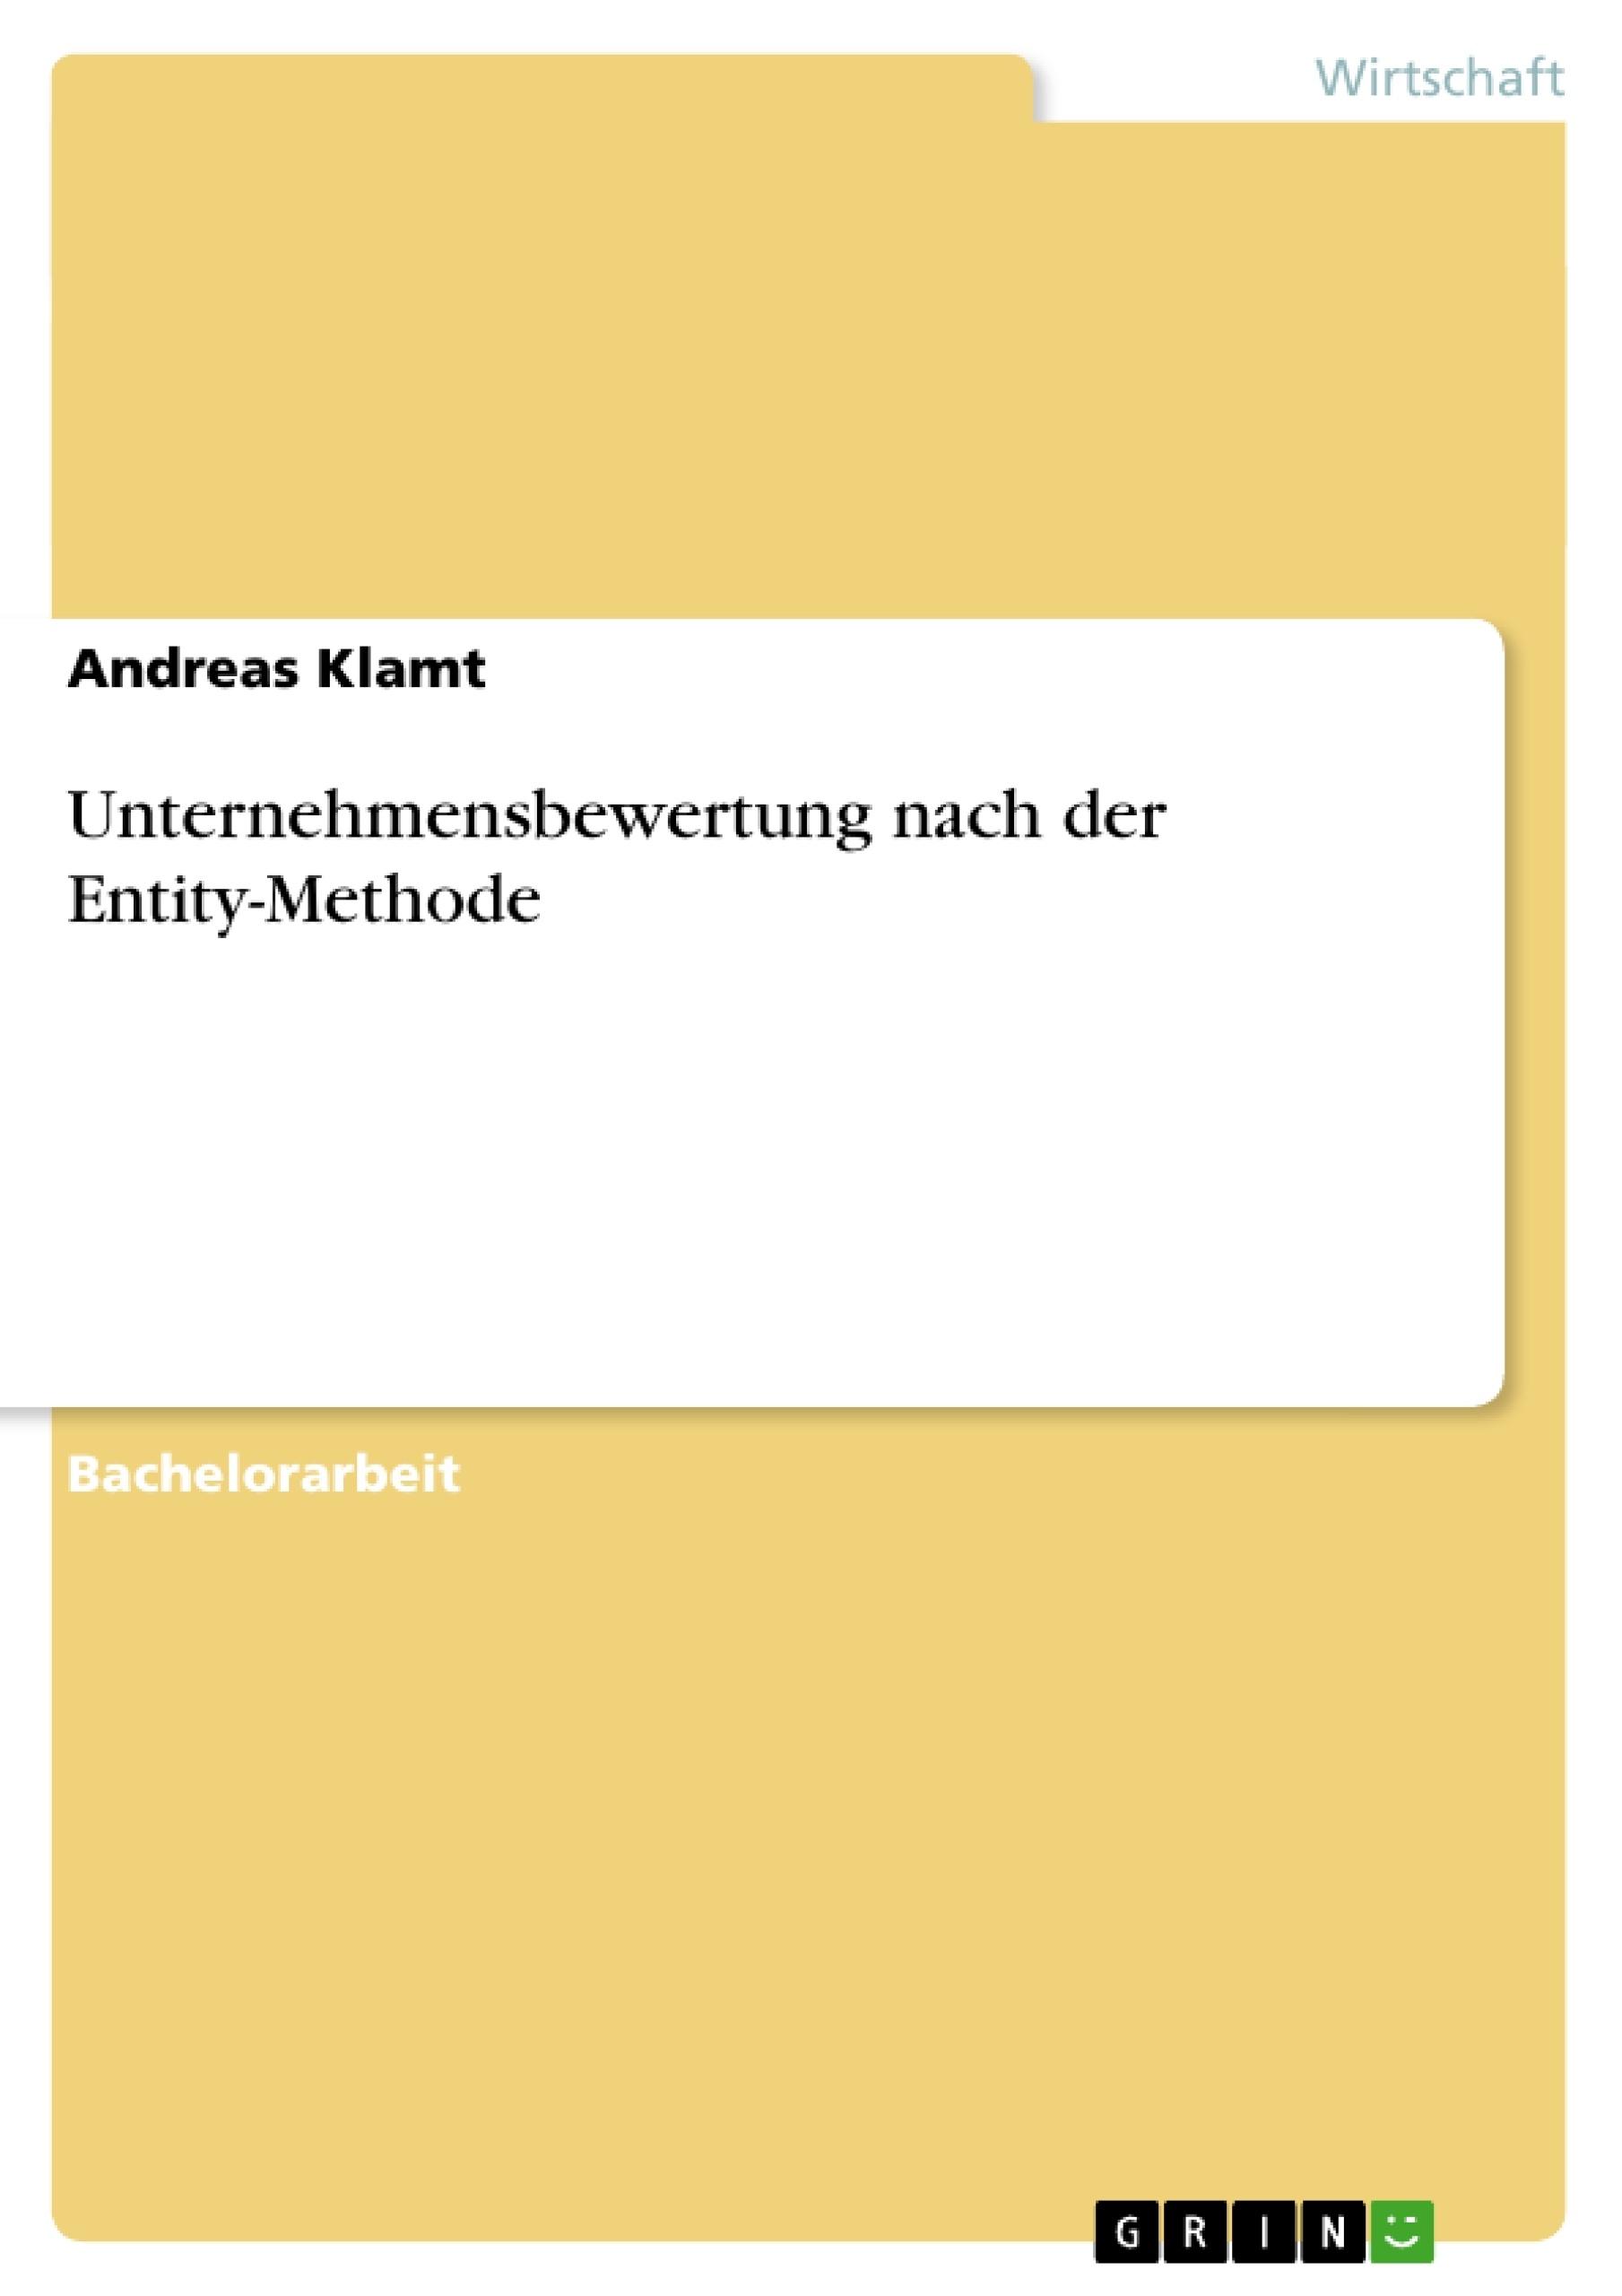 Titel: Unternehmensbewertung nach der Entity-Methode